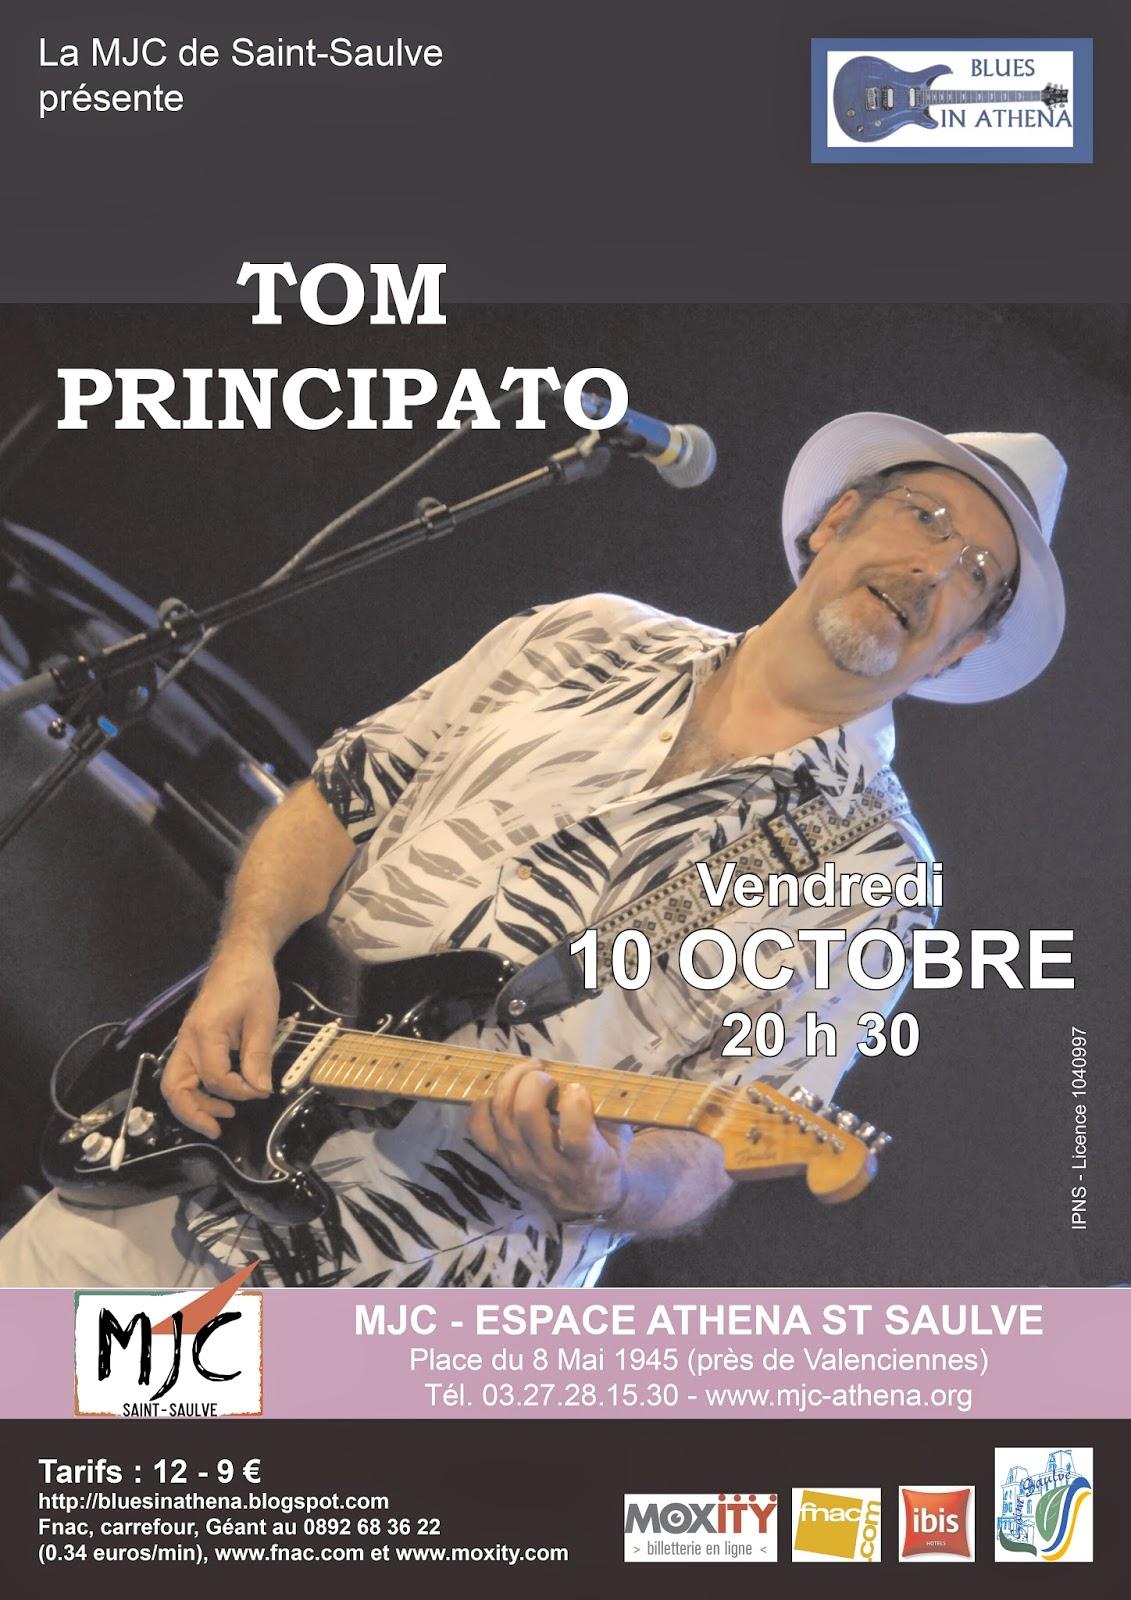 http://bluesinathena.blogspot.fr/2014/09/tom-principato-vendredi-10-octobre-20.html